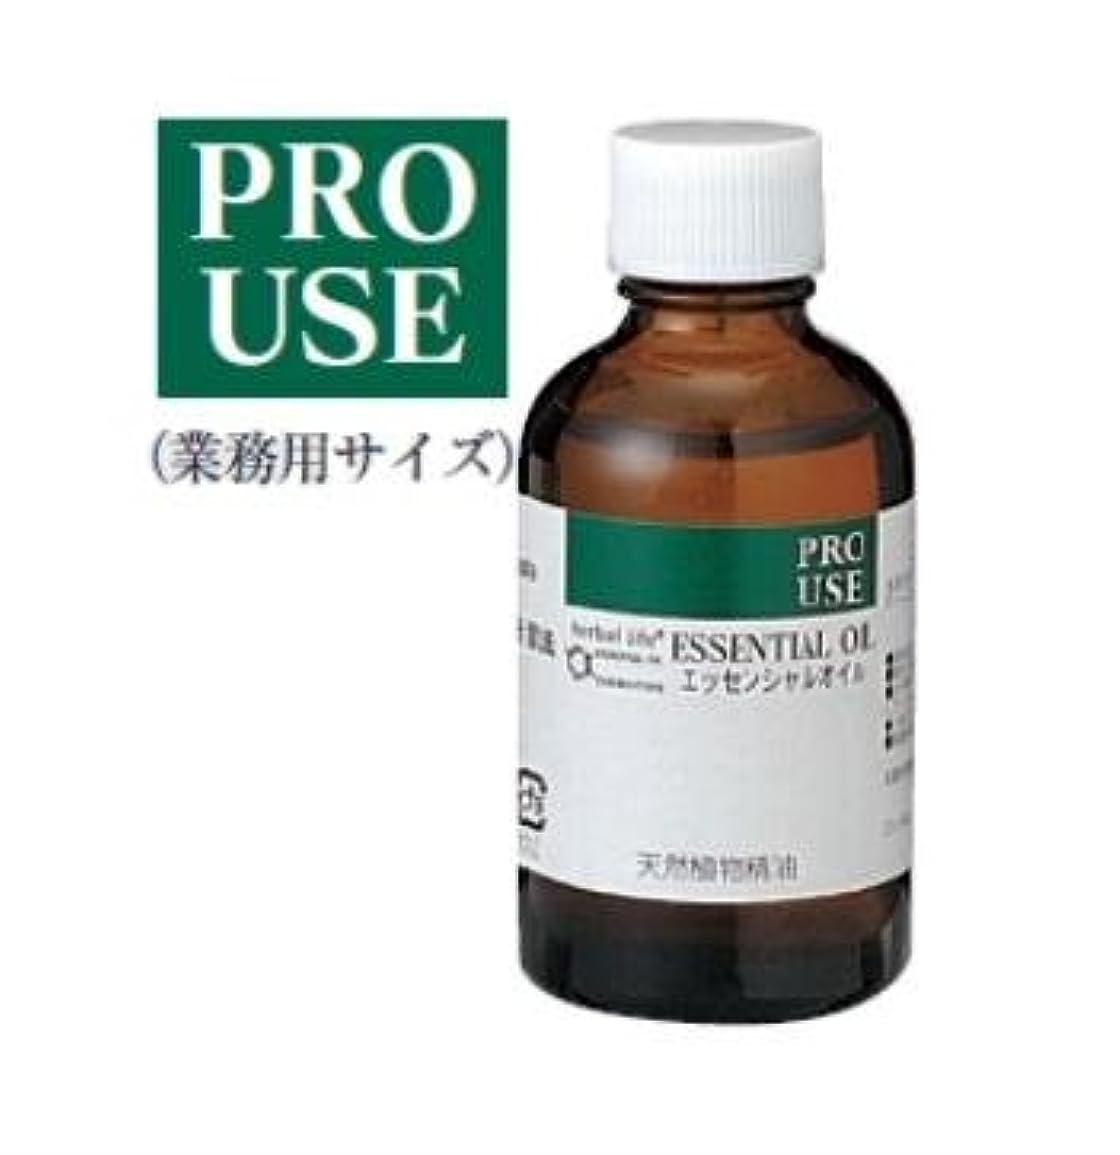 インテリア頭痛原始的な生活の木 エッセンシャルオイル ティートゥリー 精油 50ml ティーツリー アロマオイル アロマ